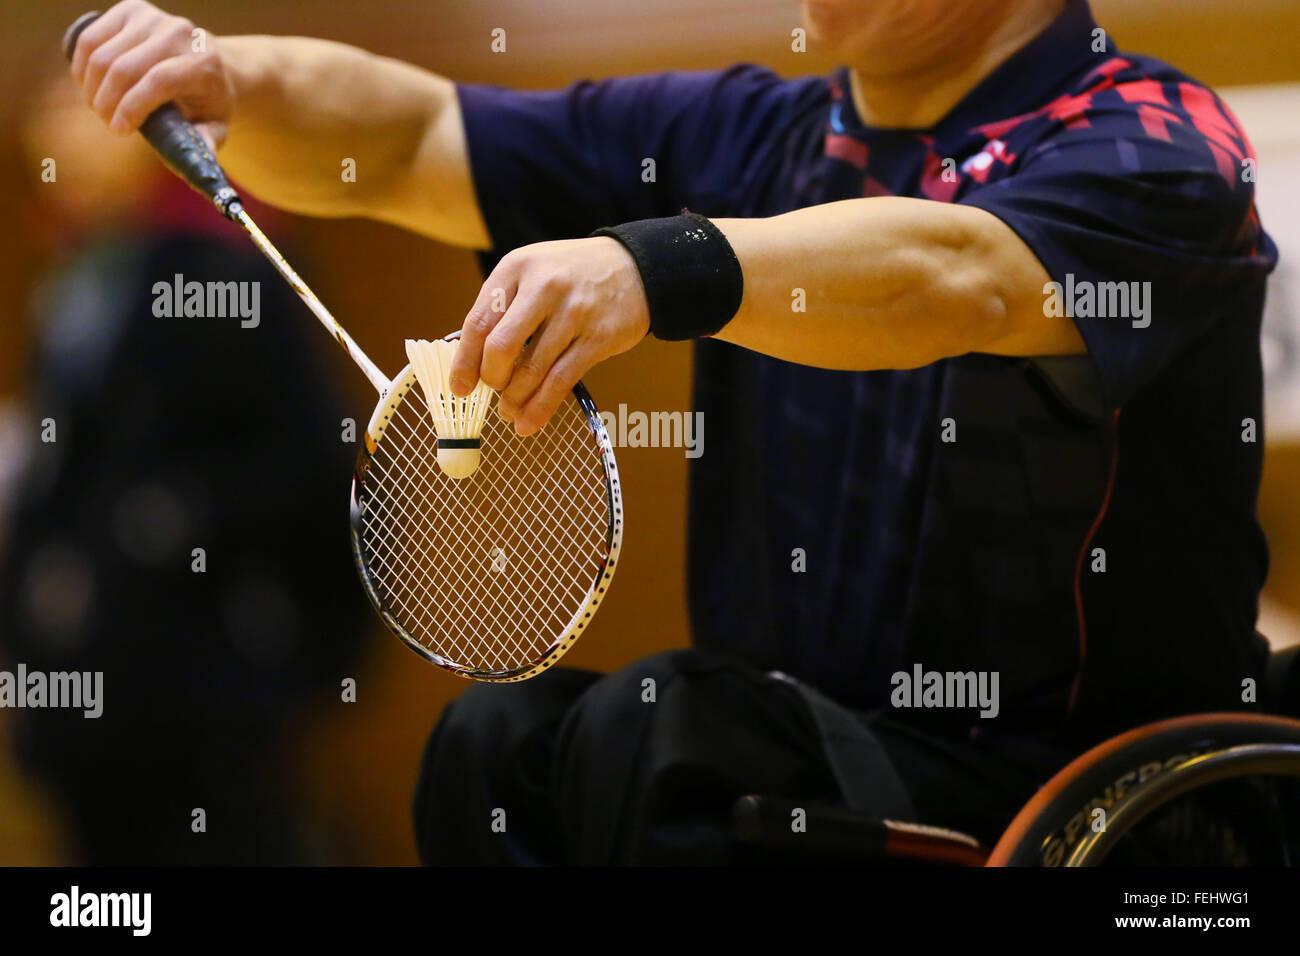 Kurume, gimnasio occidental de la ciudad de Fukuoka, Japón. 6 Feb, 2016. Detalle shot, Febrero 6, 2016 - Badminton Imagen De Stock